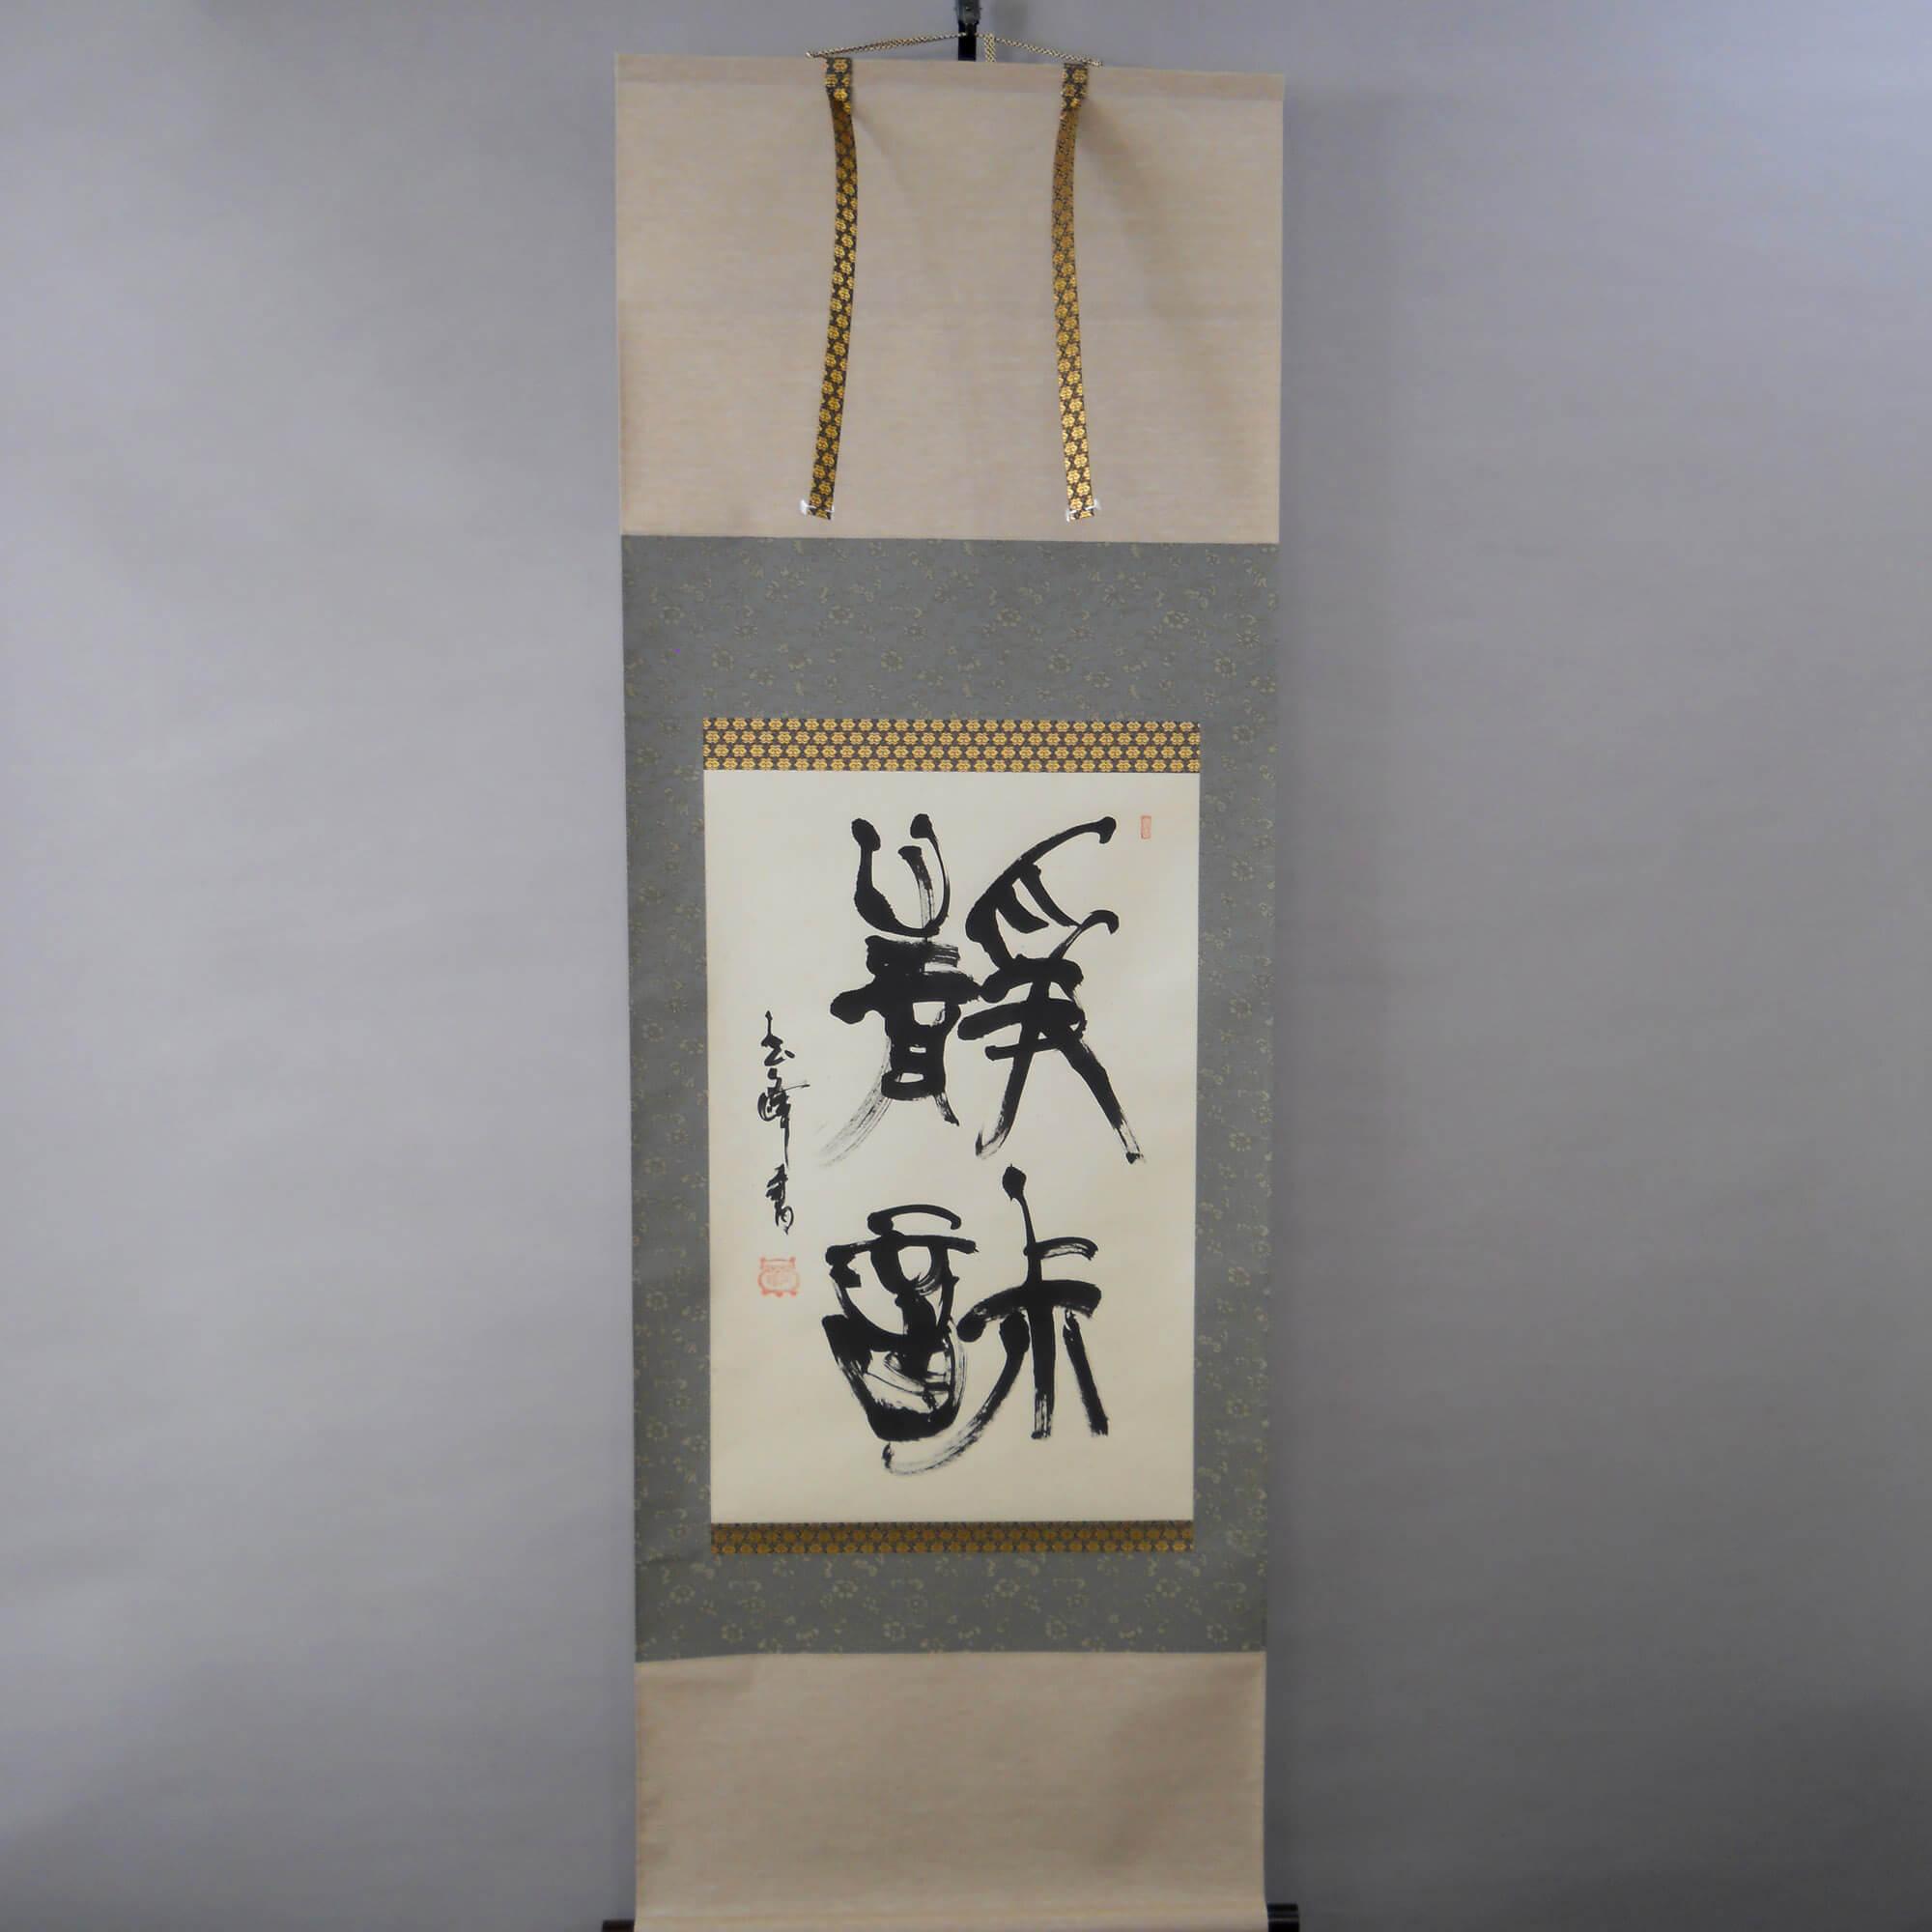 Calligraphy: Tranquility  / Ueda Gyokuhō